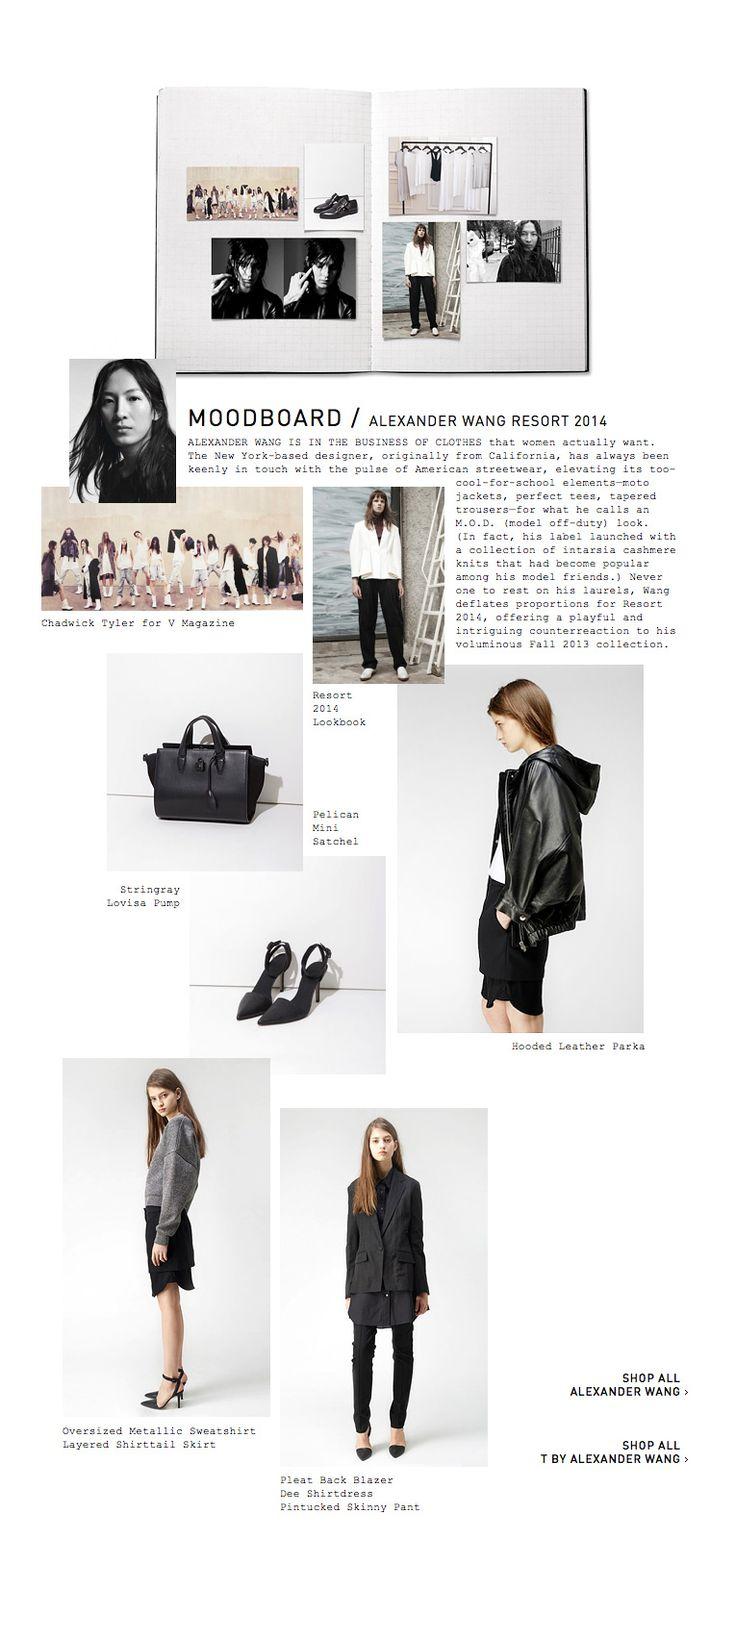 La Garçonne - just the best. Alexander Wang moodboard. sketchbook, fashion design, layout, design, portfolio